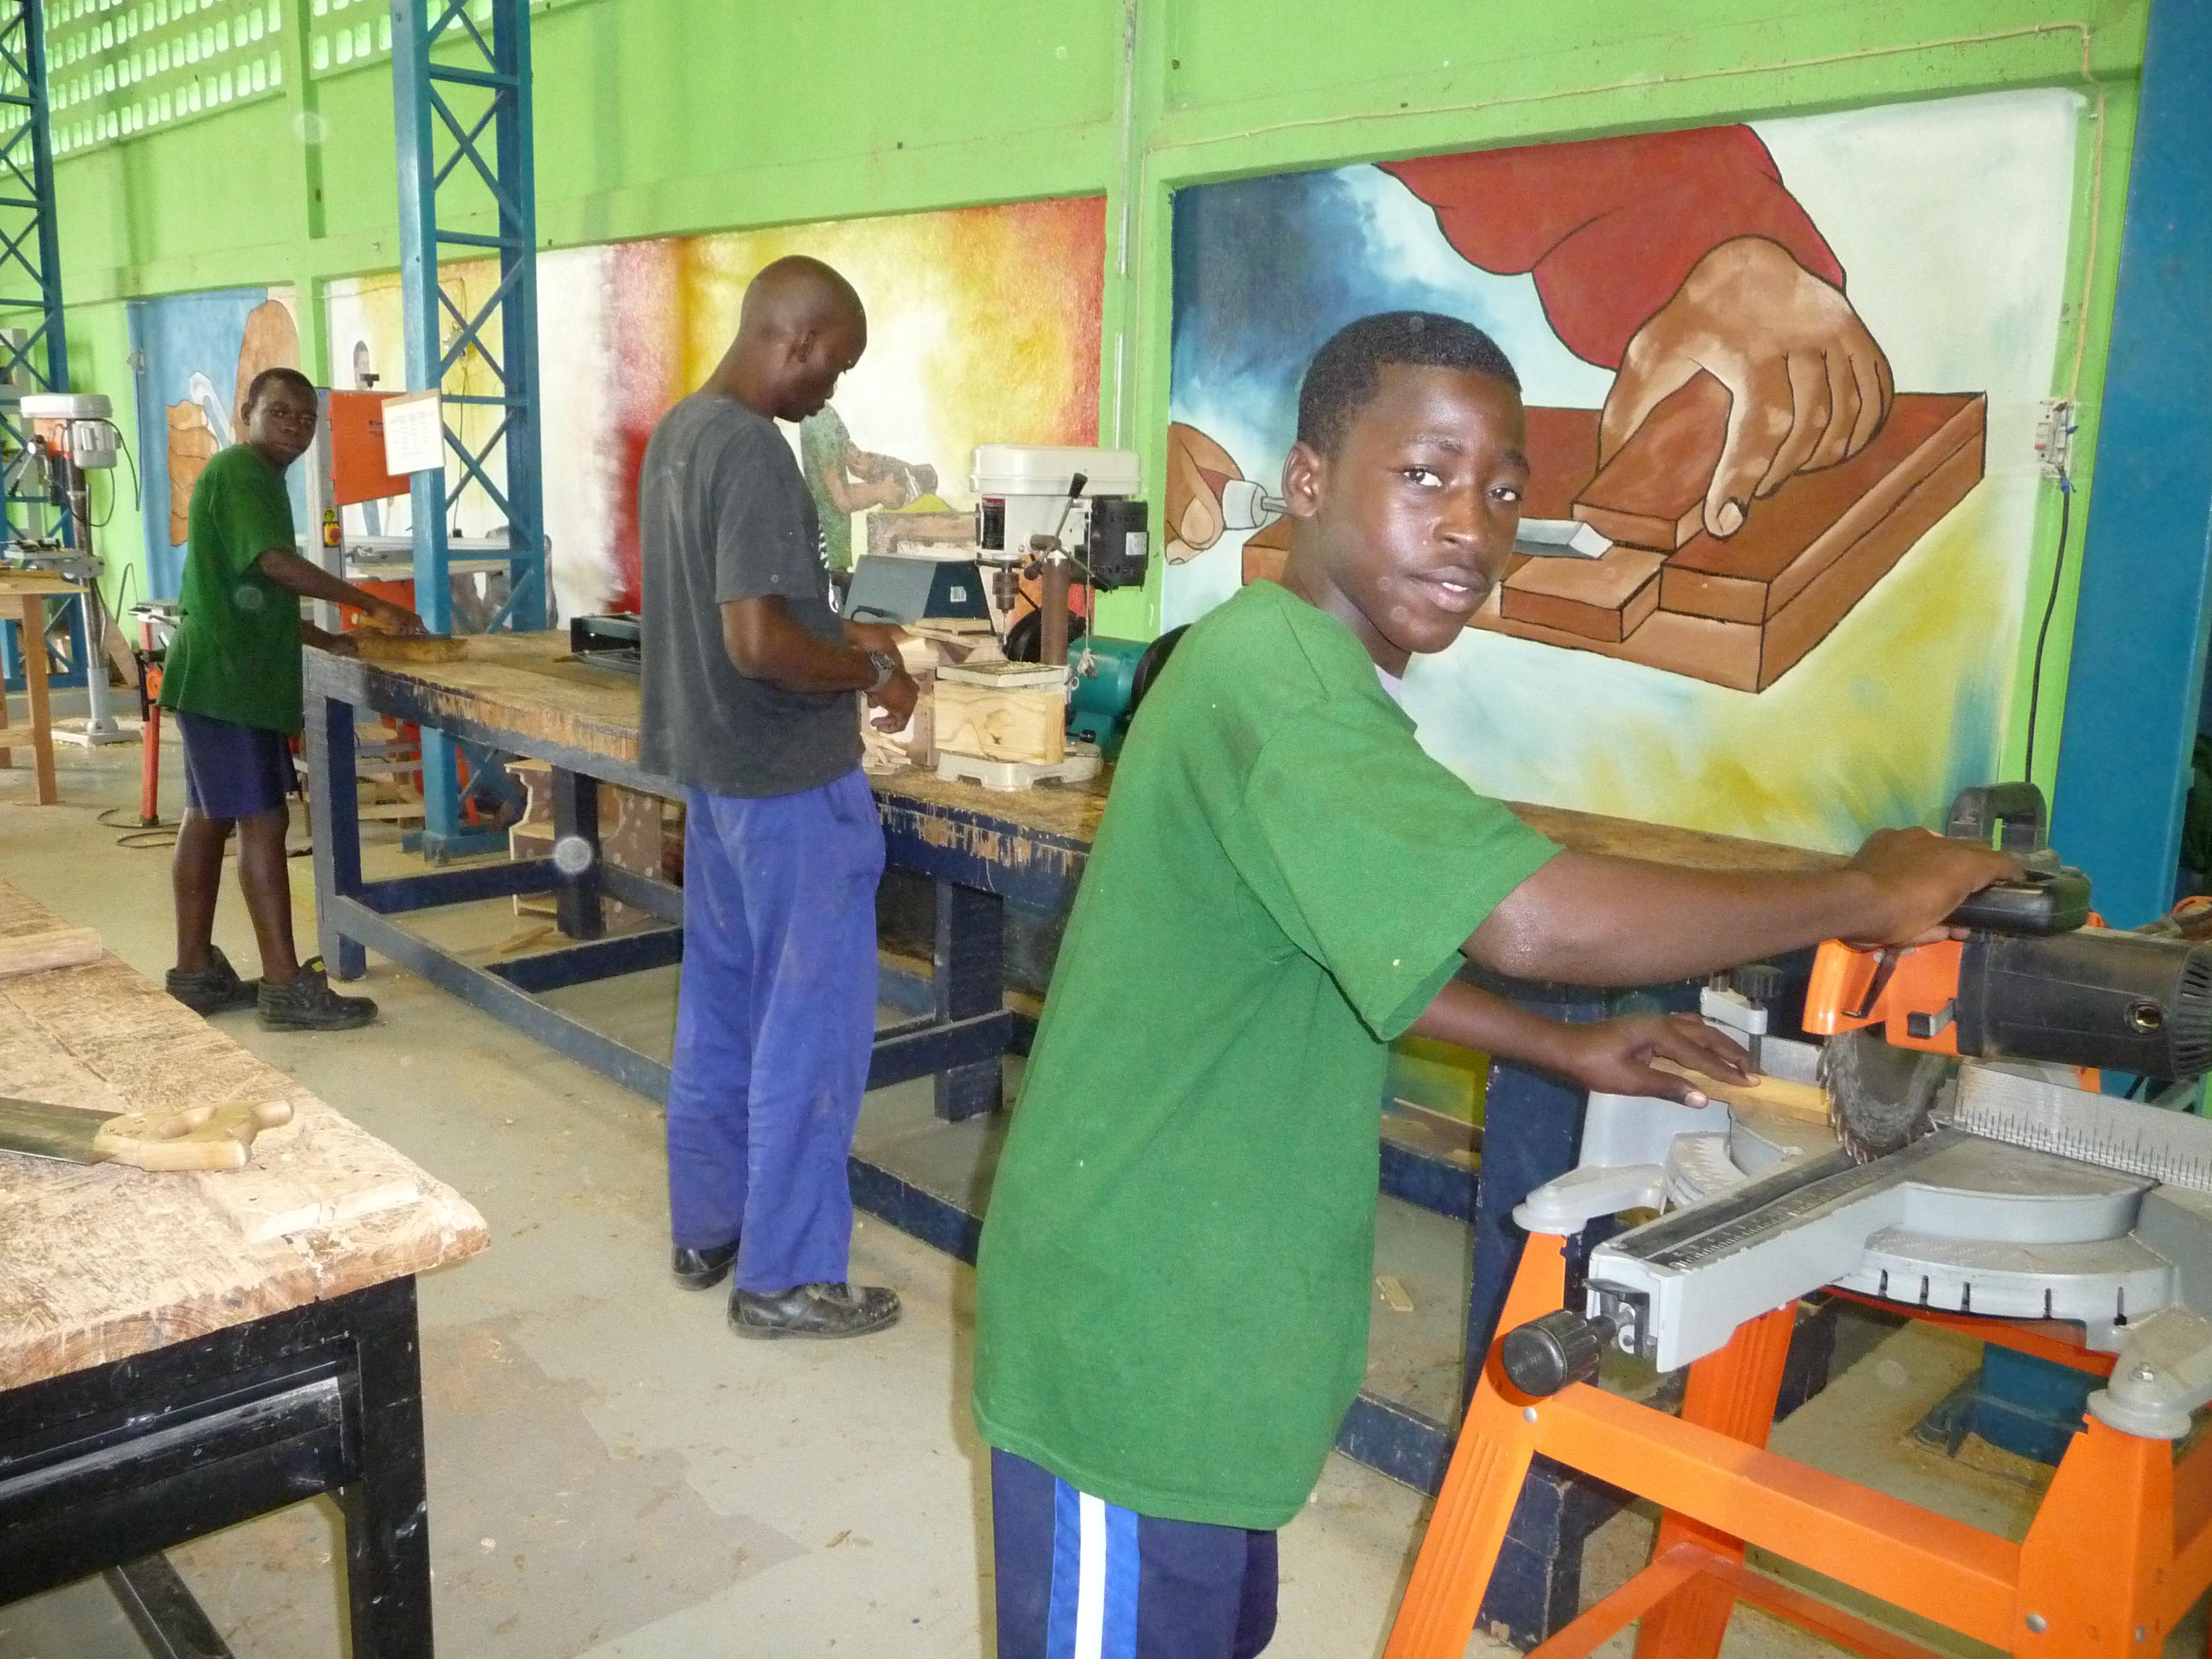 ragazzi africani al lavoro